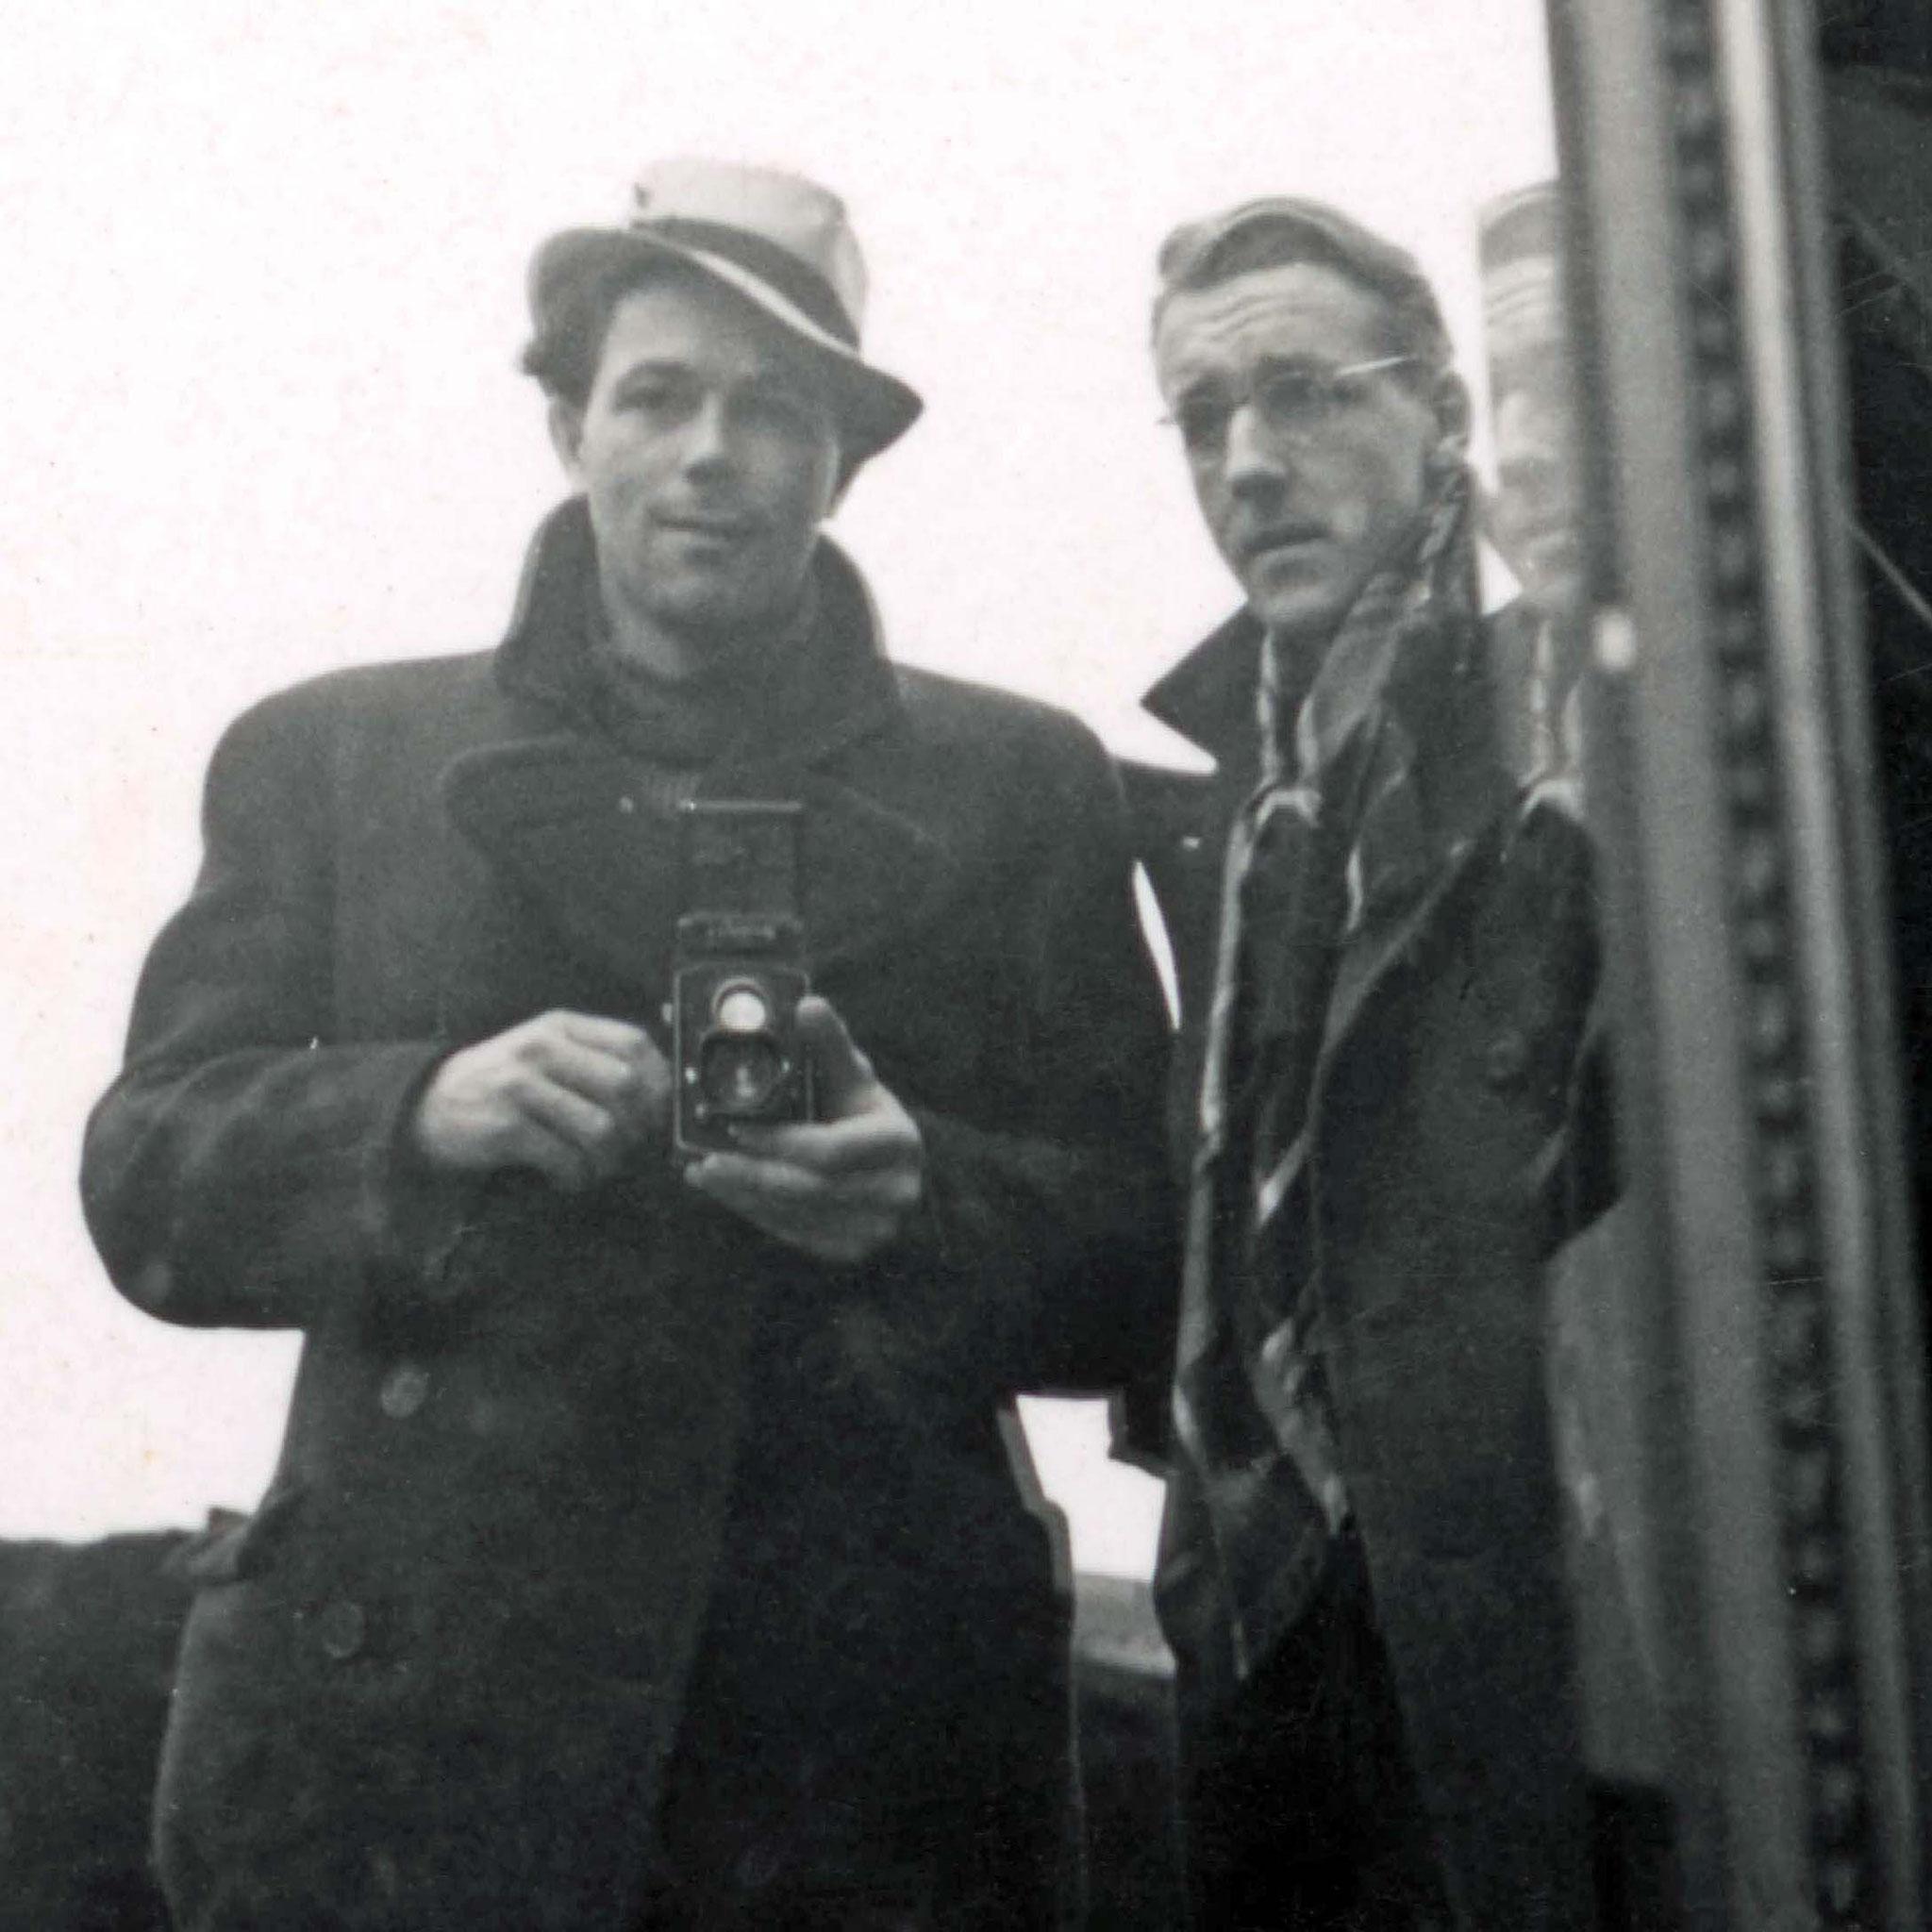 Hans Potthof und Christian Staub in Paris Winter 1937-38